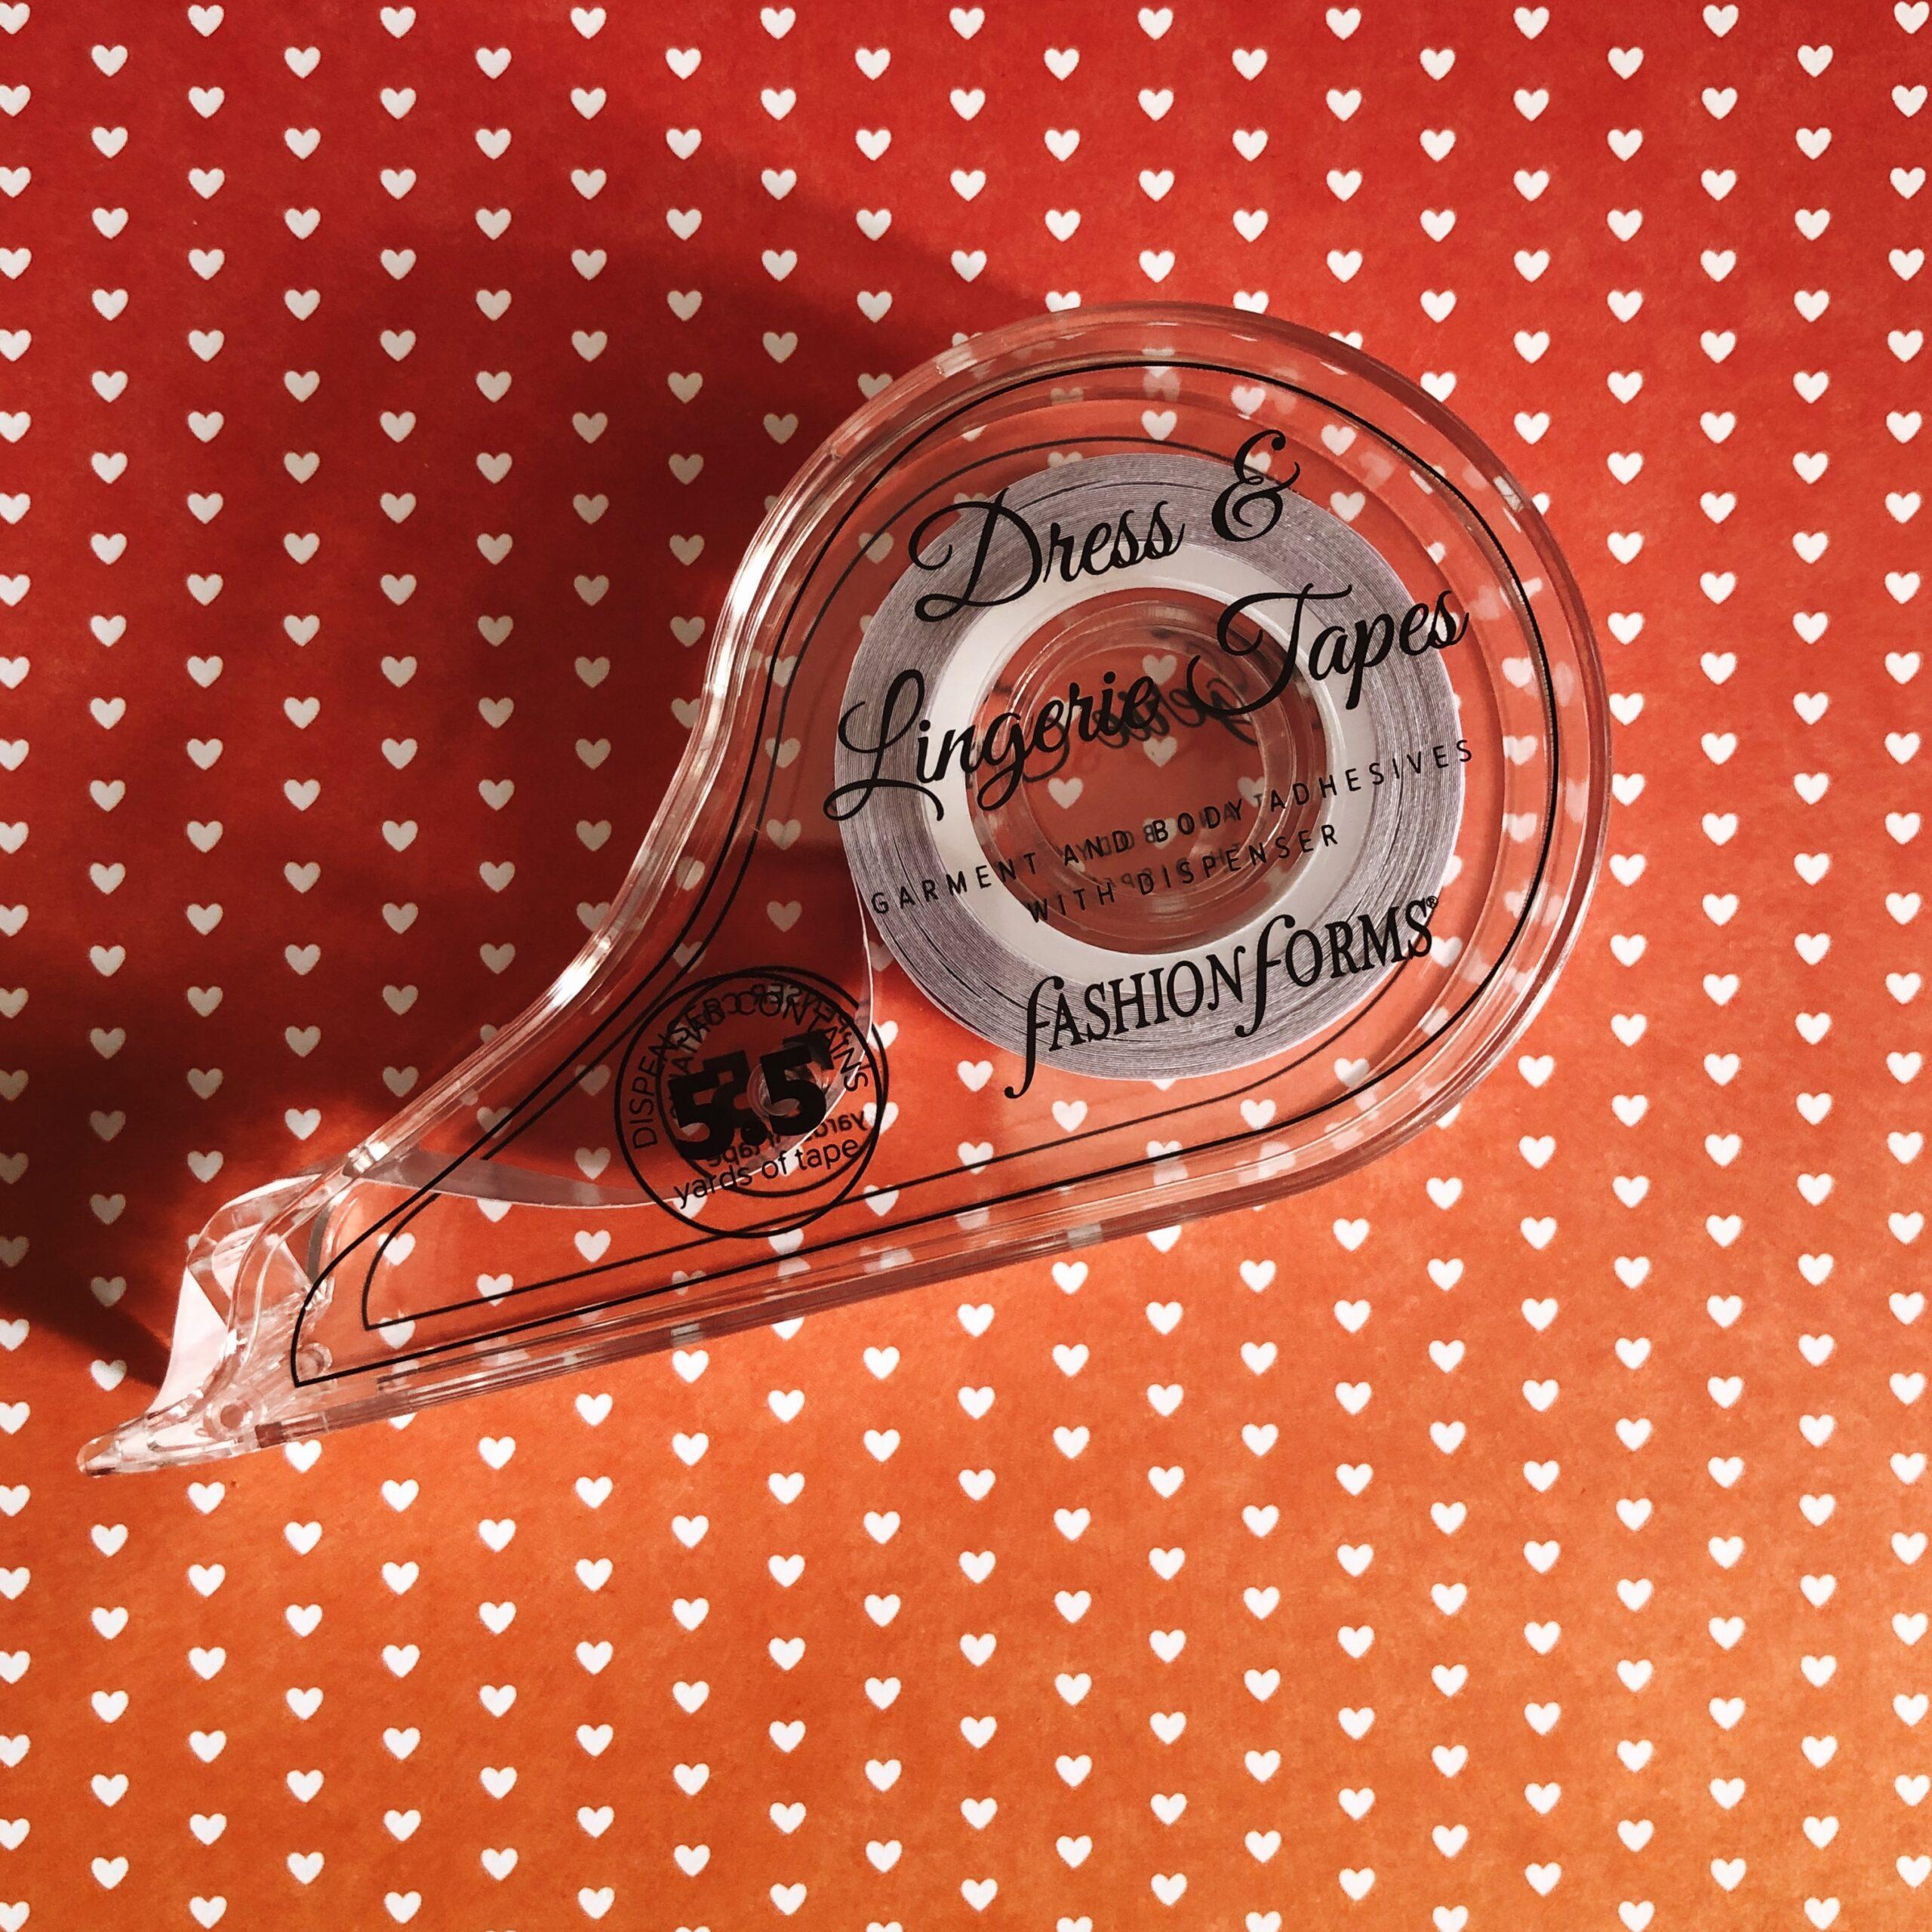 Двухсторонняя бельевая лента Fashion Forms –обзор на garterblog.ru. Все права на текст и фото защищены